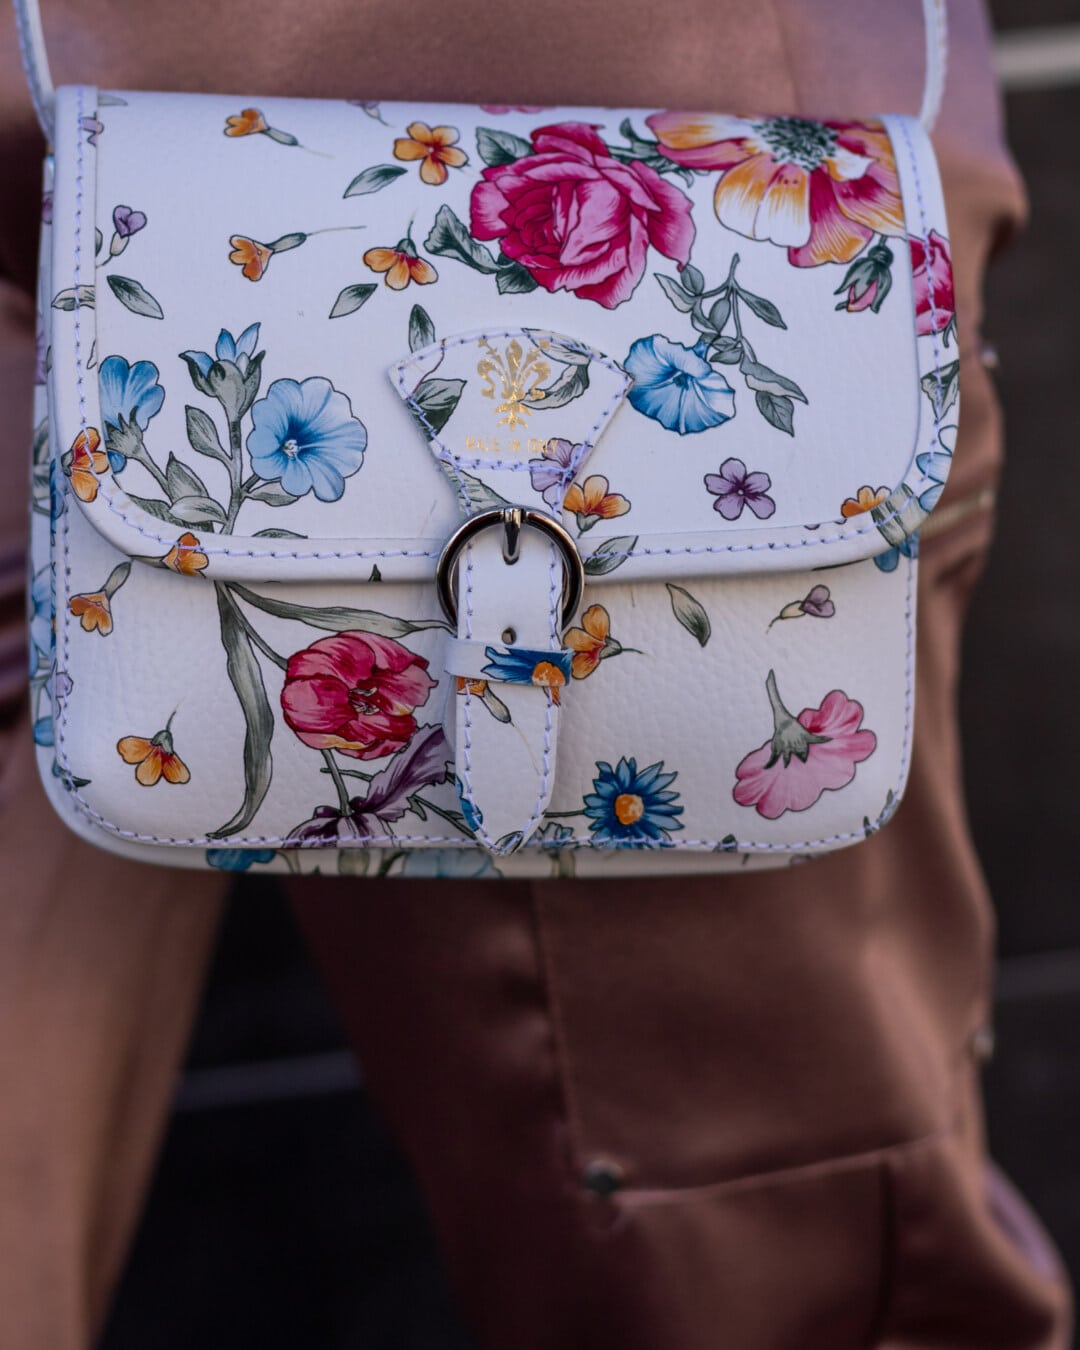 Leder, Handtasche, bunte, Blumen, Design, Schnalle, trendy, Jahrgang, Lust auf, Mode